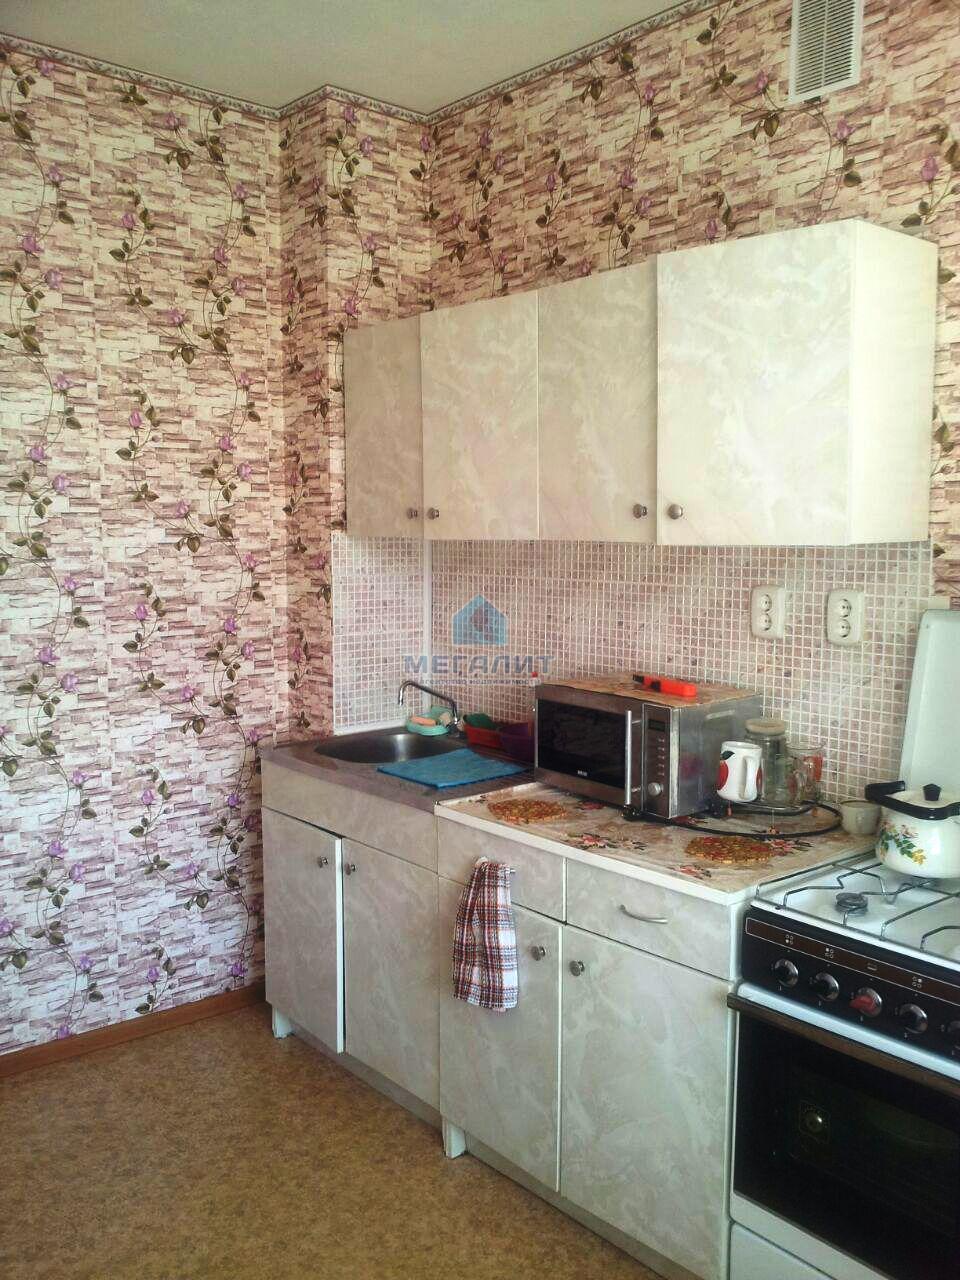 Аренда 2-к квартиры Академика Губкина 30в, 56 м²  (миниатюра №2)